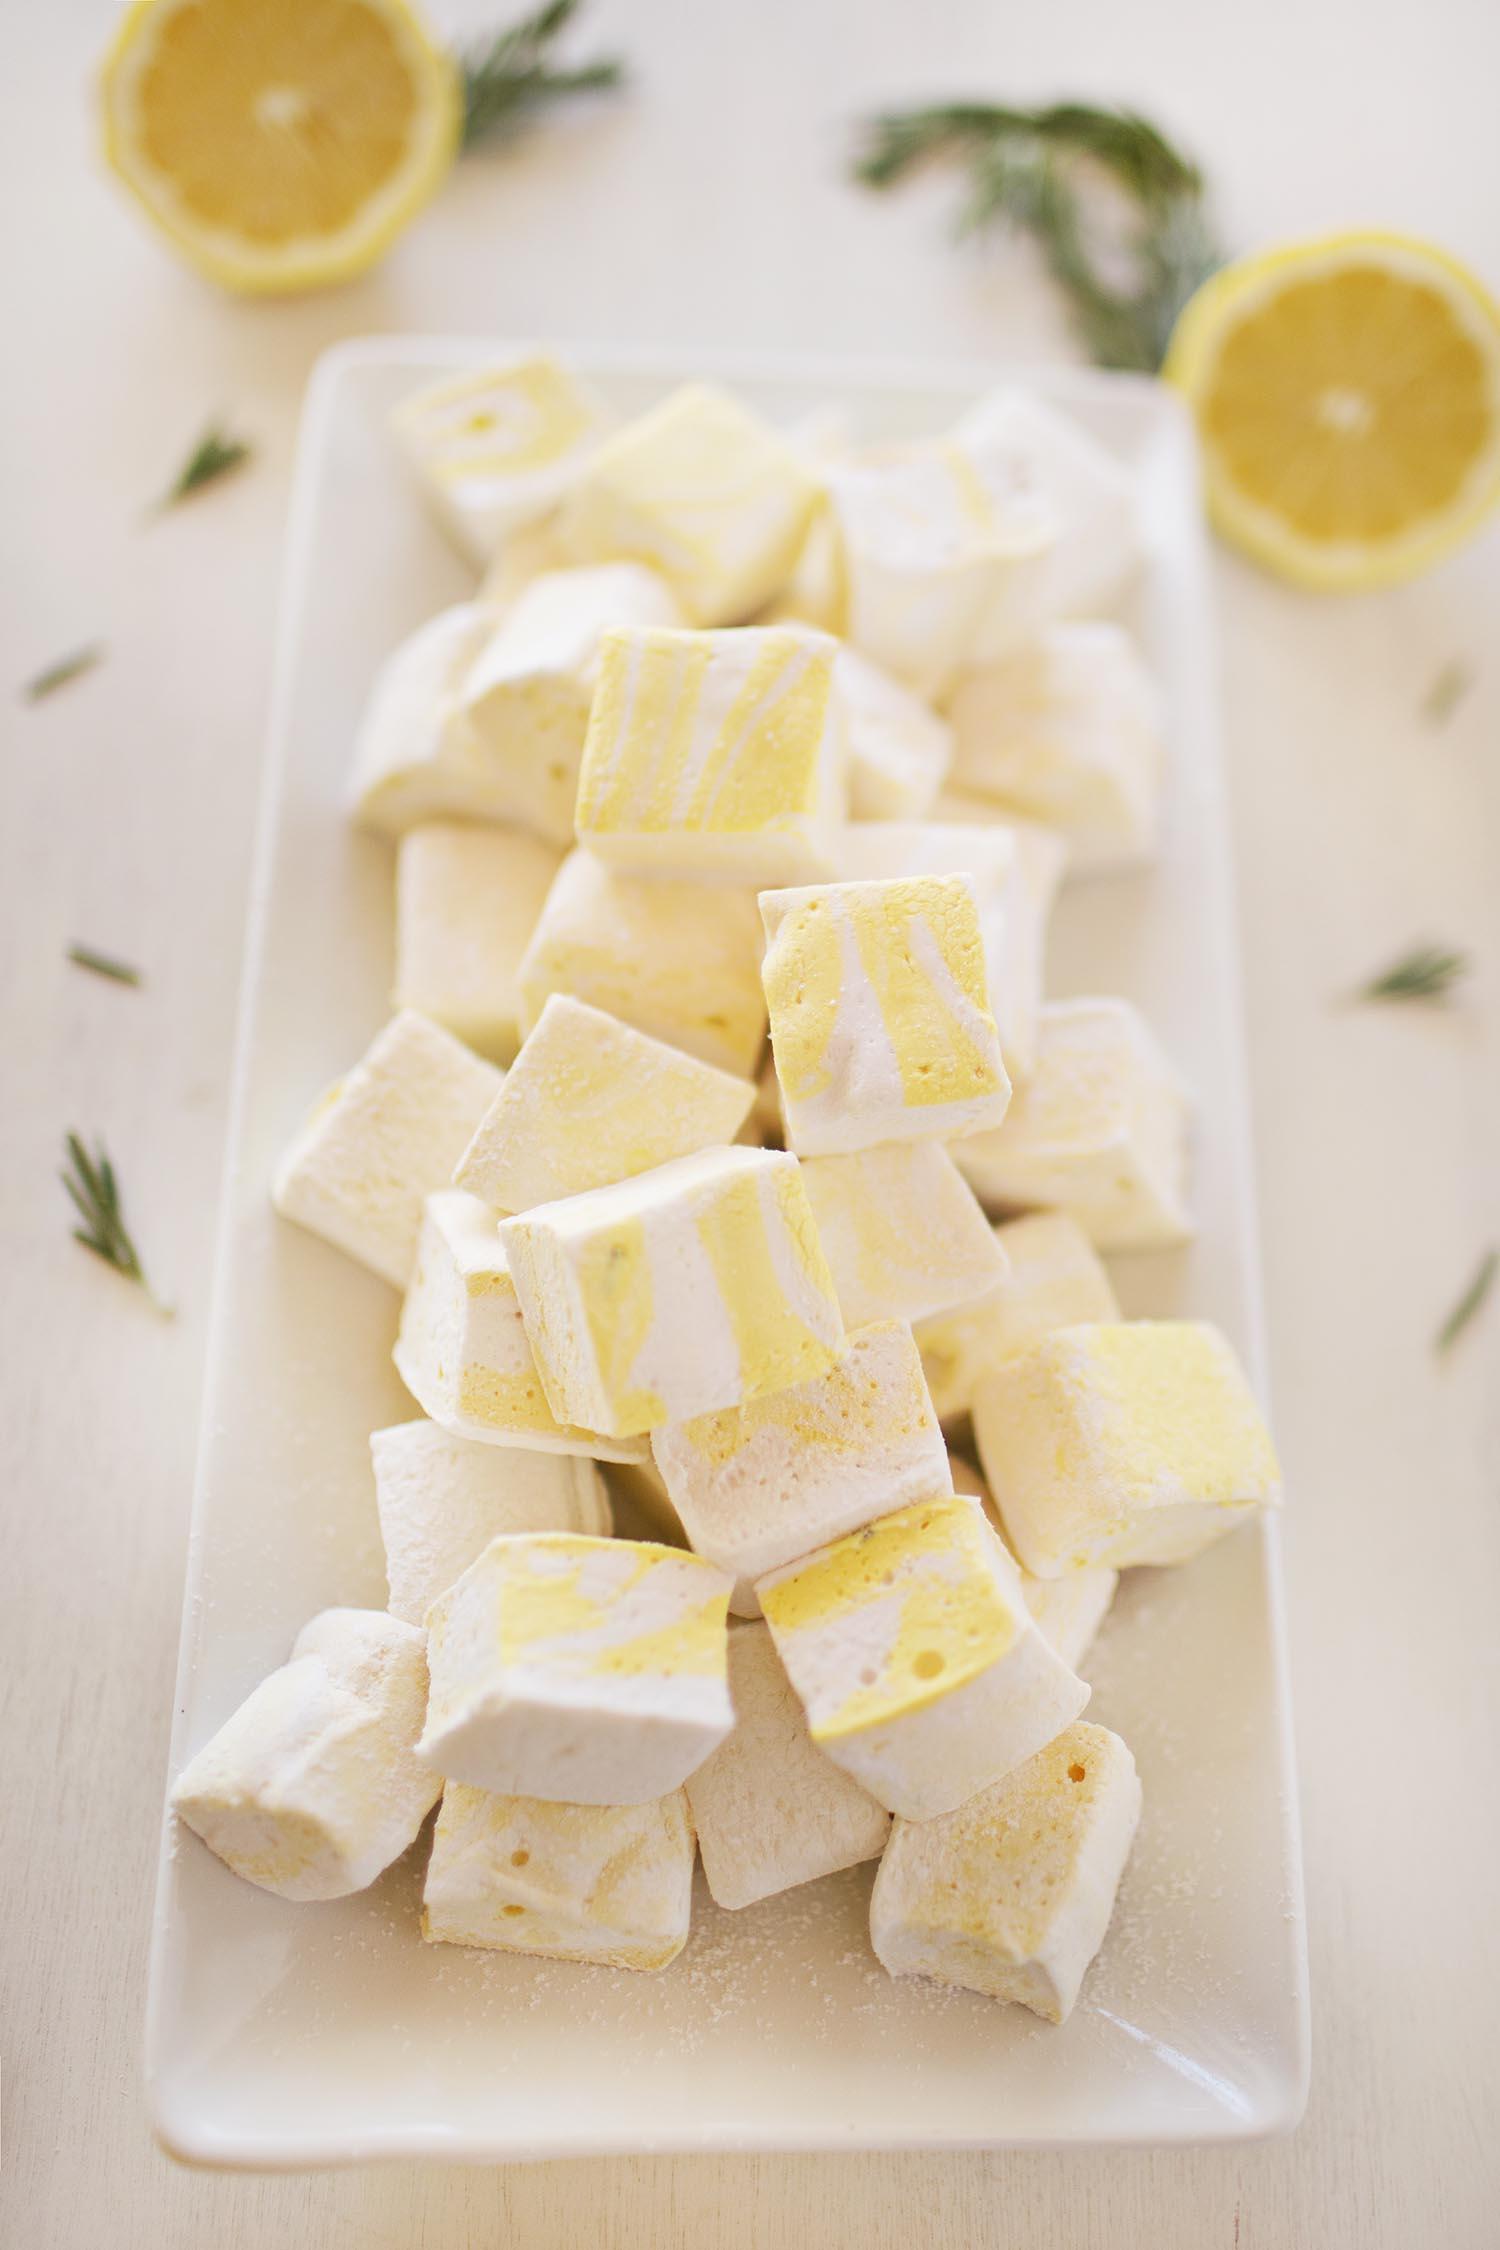 lemon and rosemary marshmallow recipe